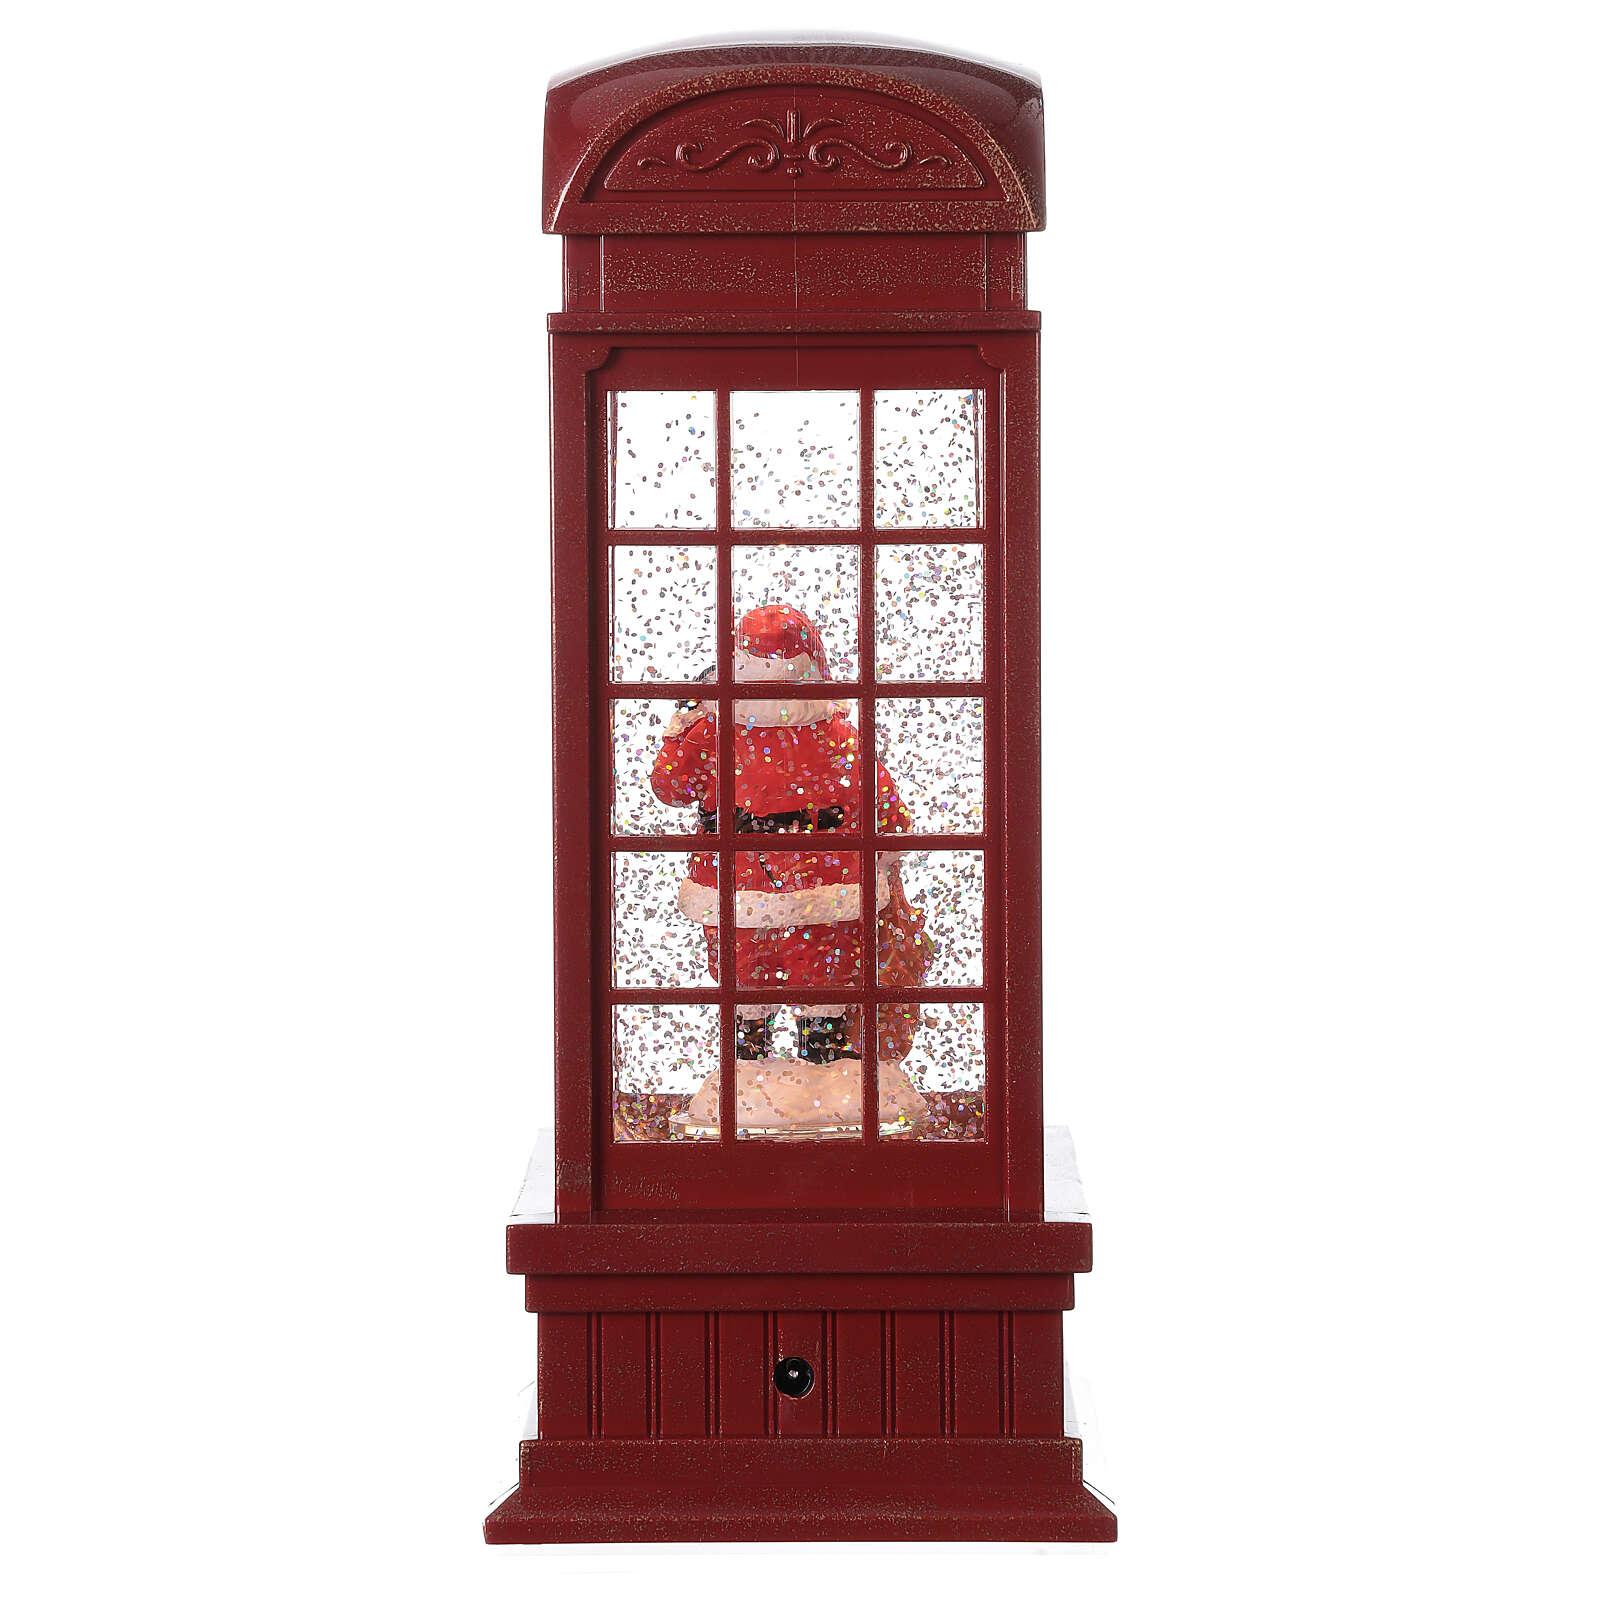 Red phone booth Santa Claus snow globe 25x10x10 cm 3